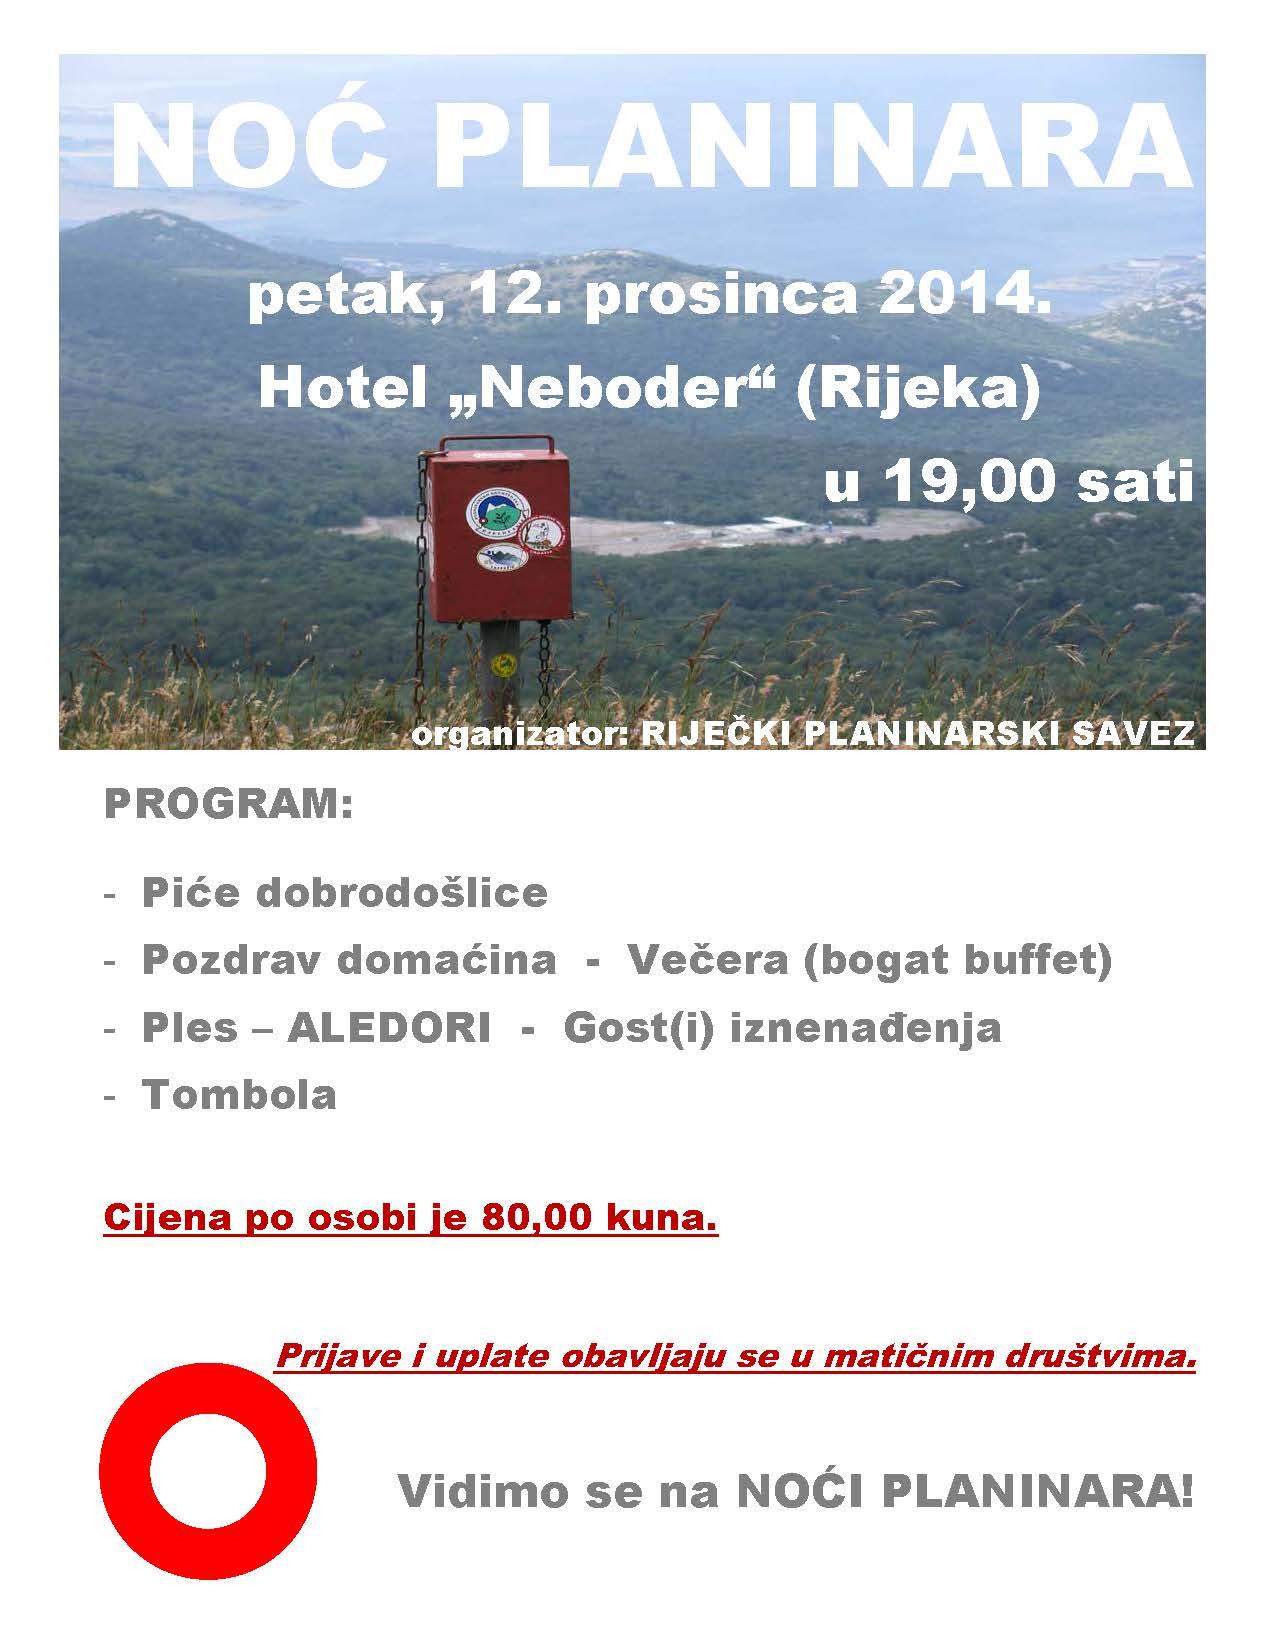 NOĆ PLANINARA - PLAKAT - 2014